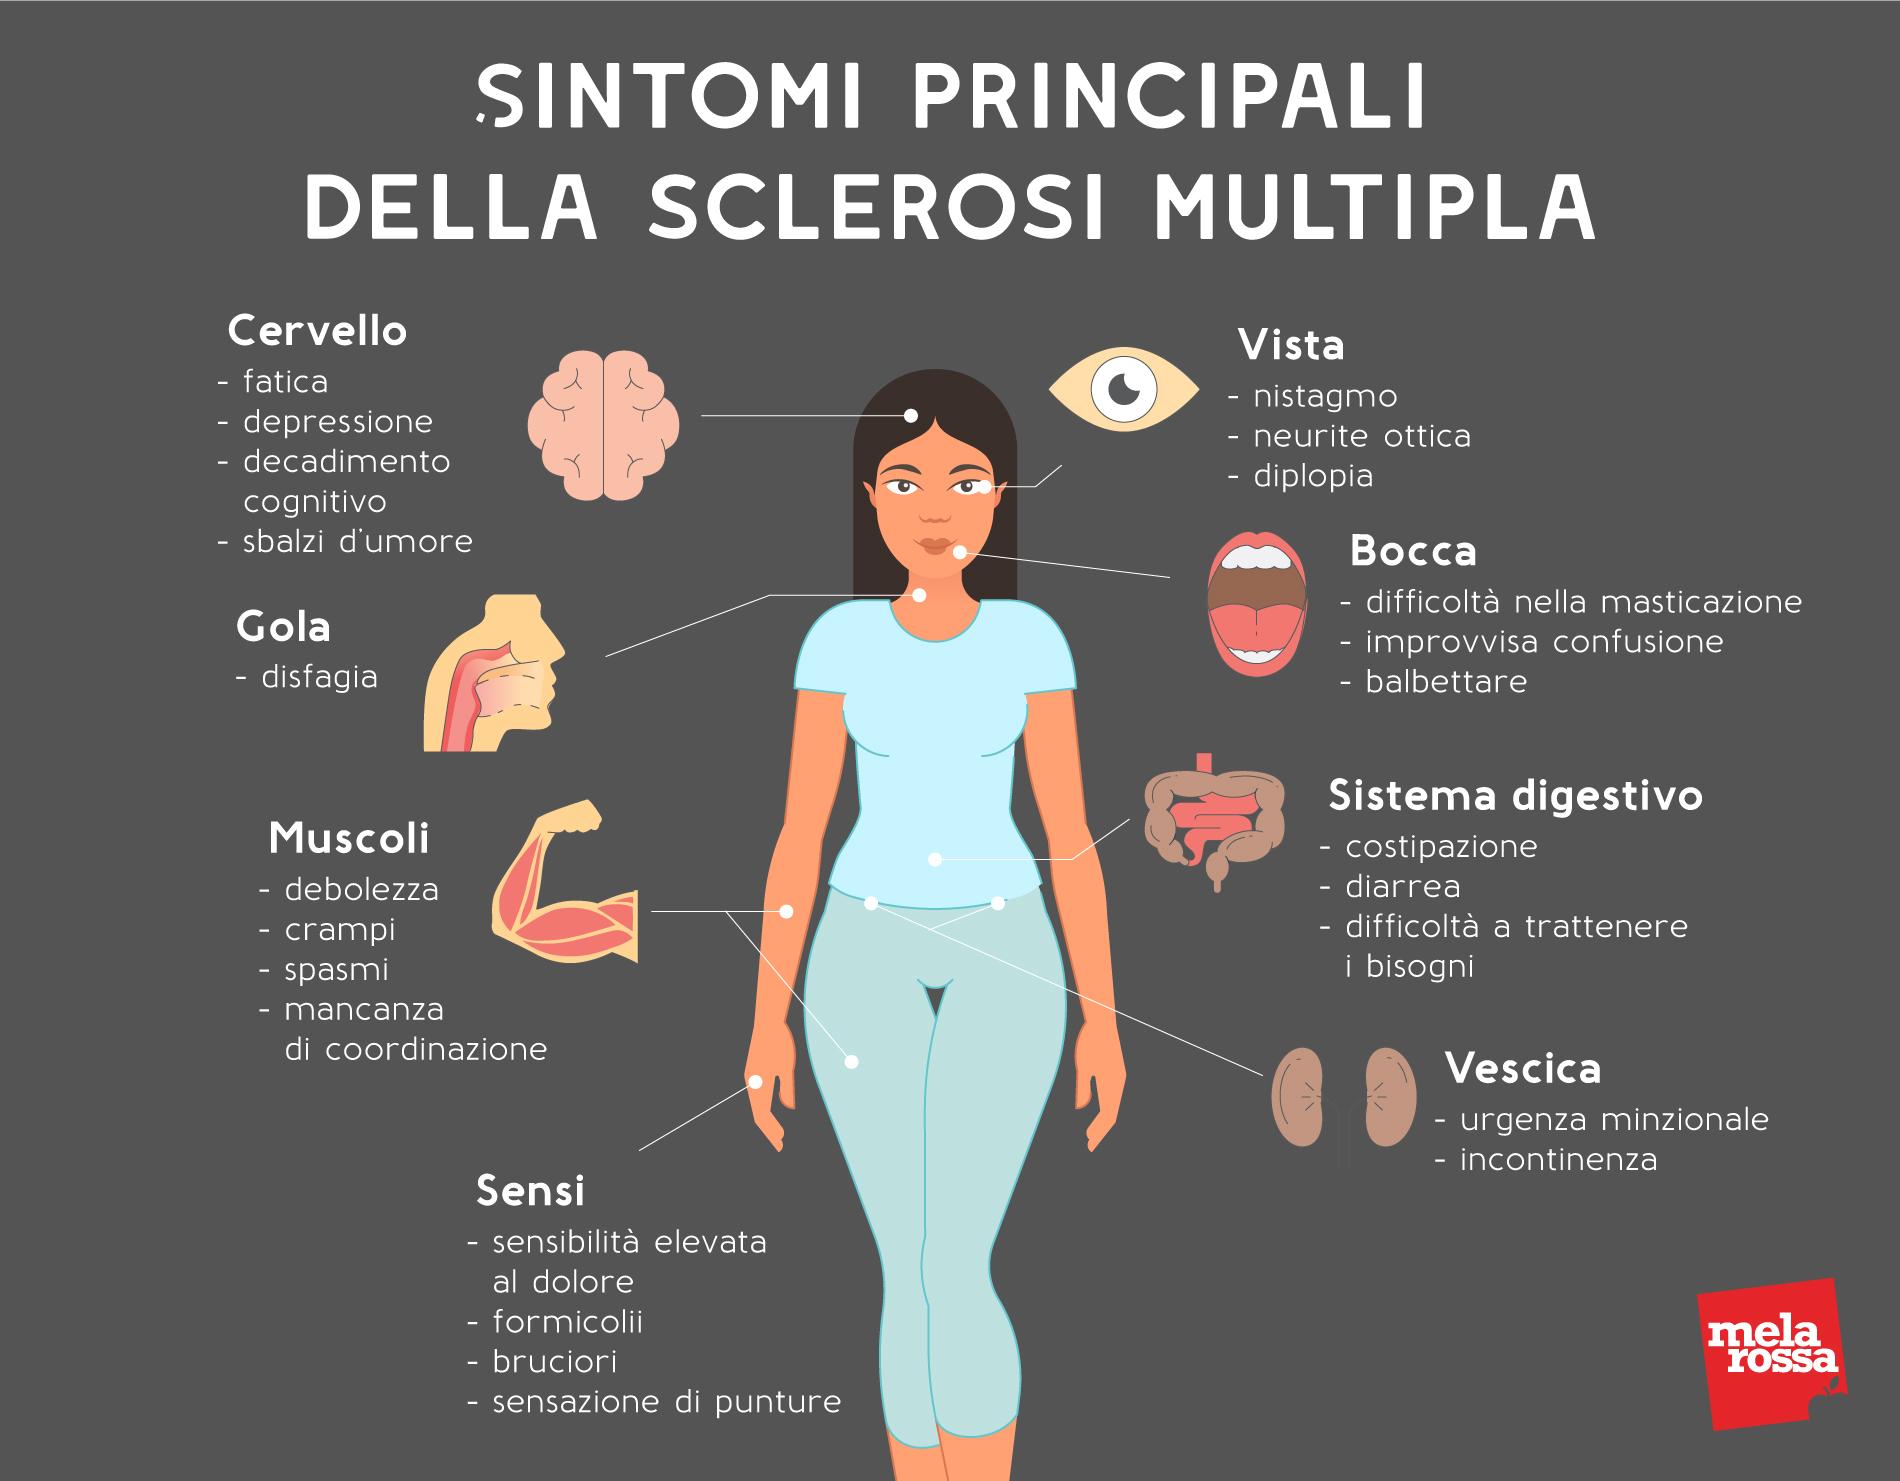 sintomi principali della sclerosi multipla